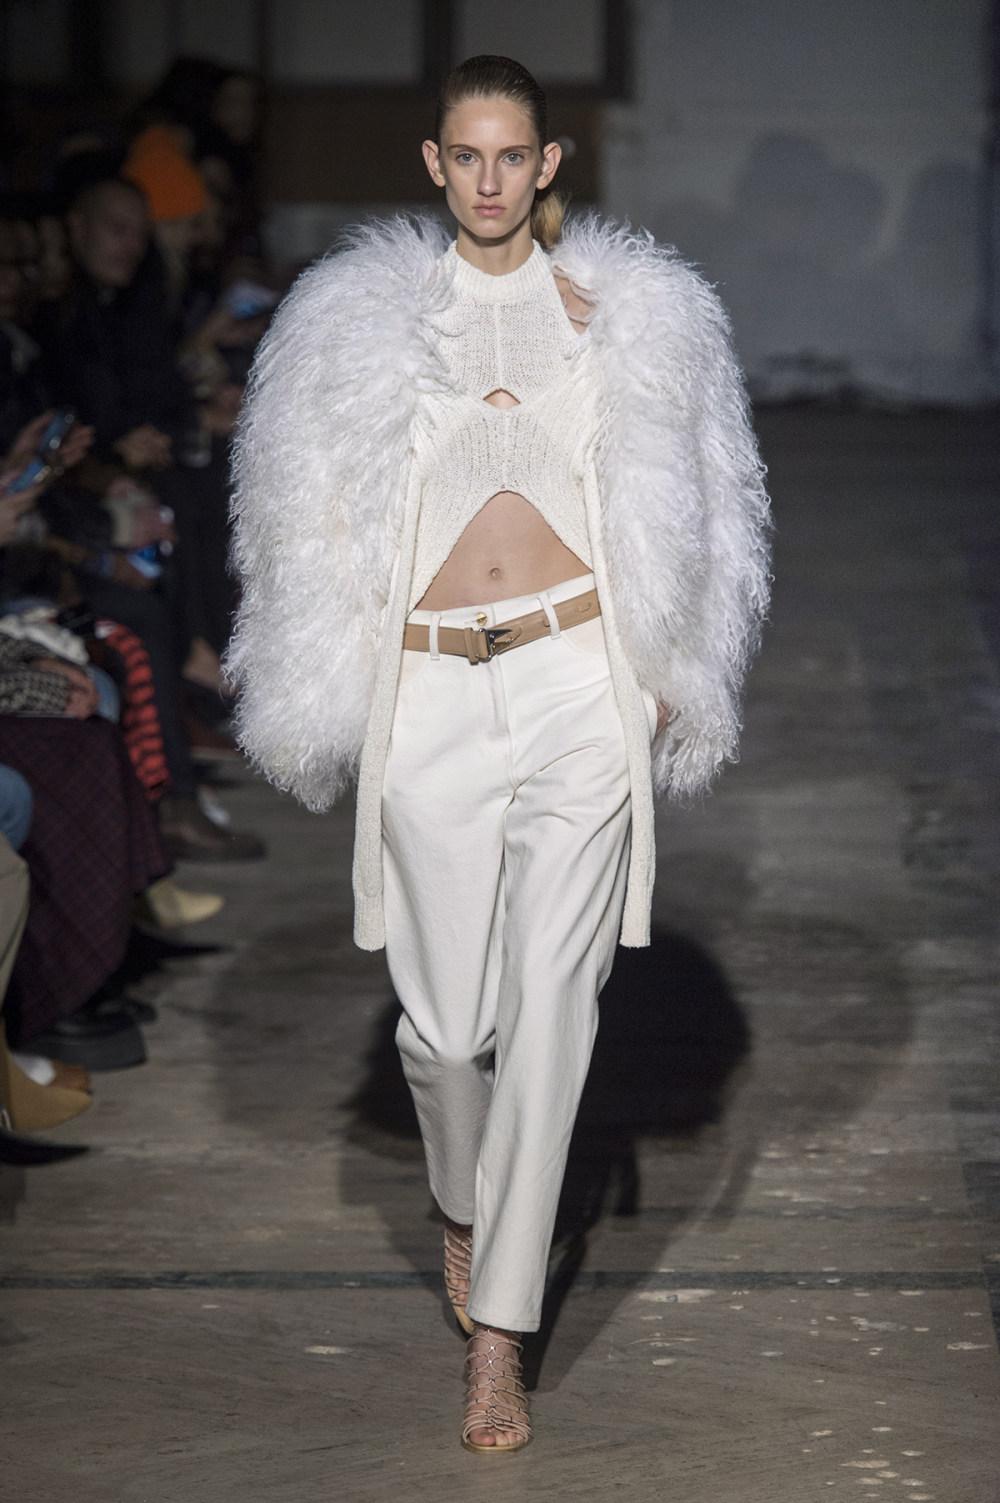 Dion Lee没有紧身衣的连衣裙被聚集或扭曲保持调色板的简约和奢华-40.jpg